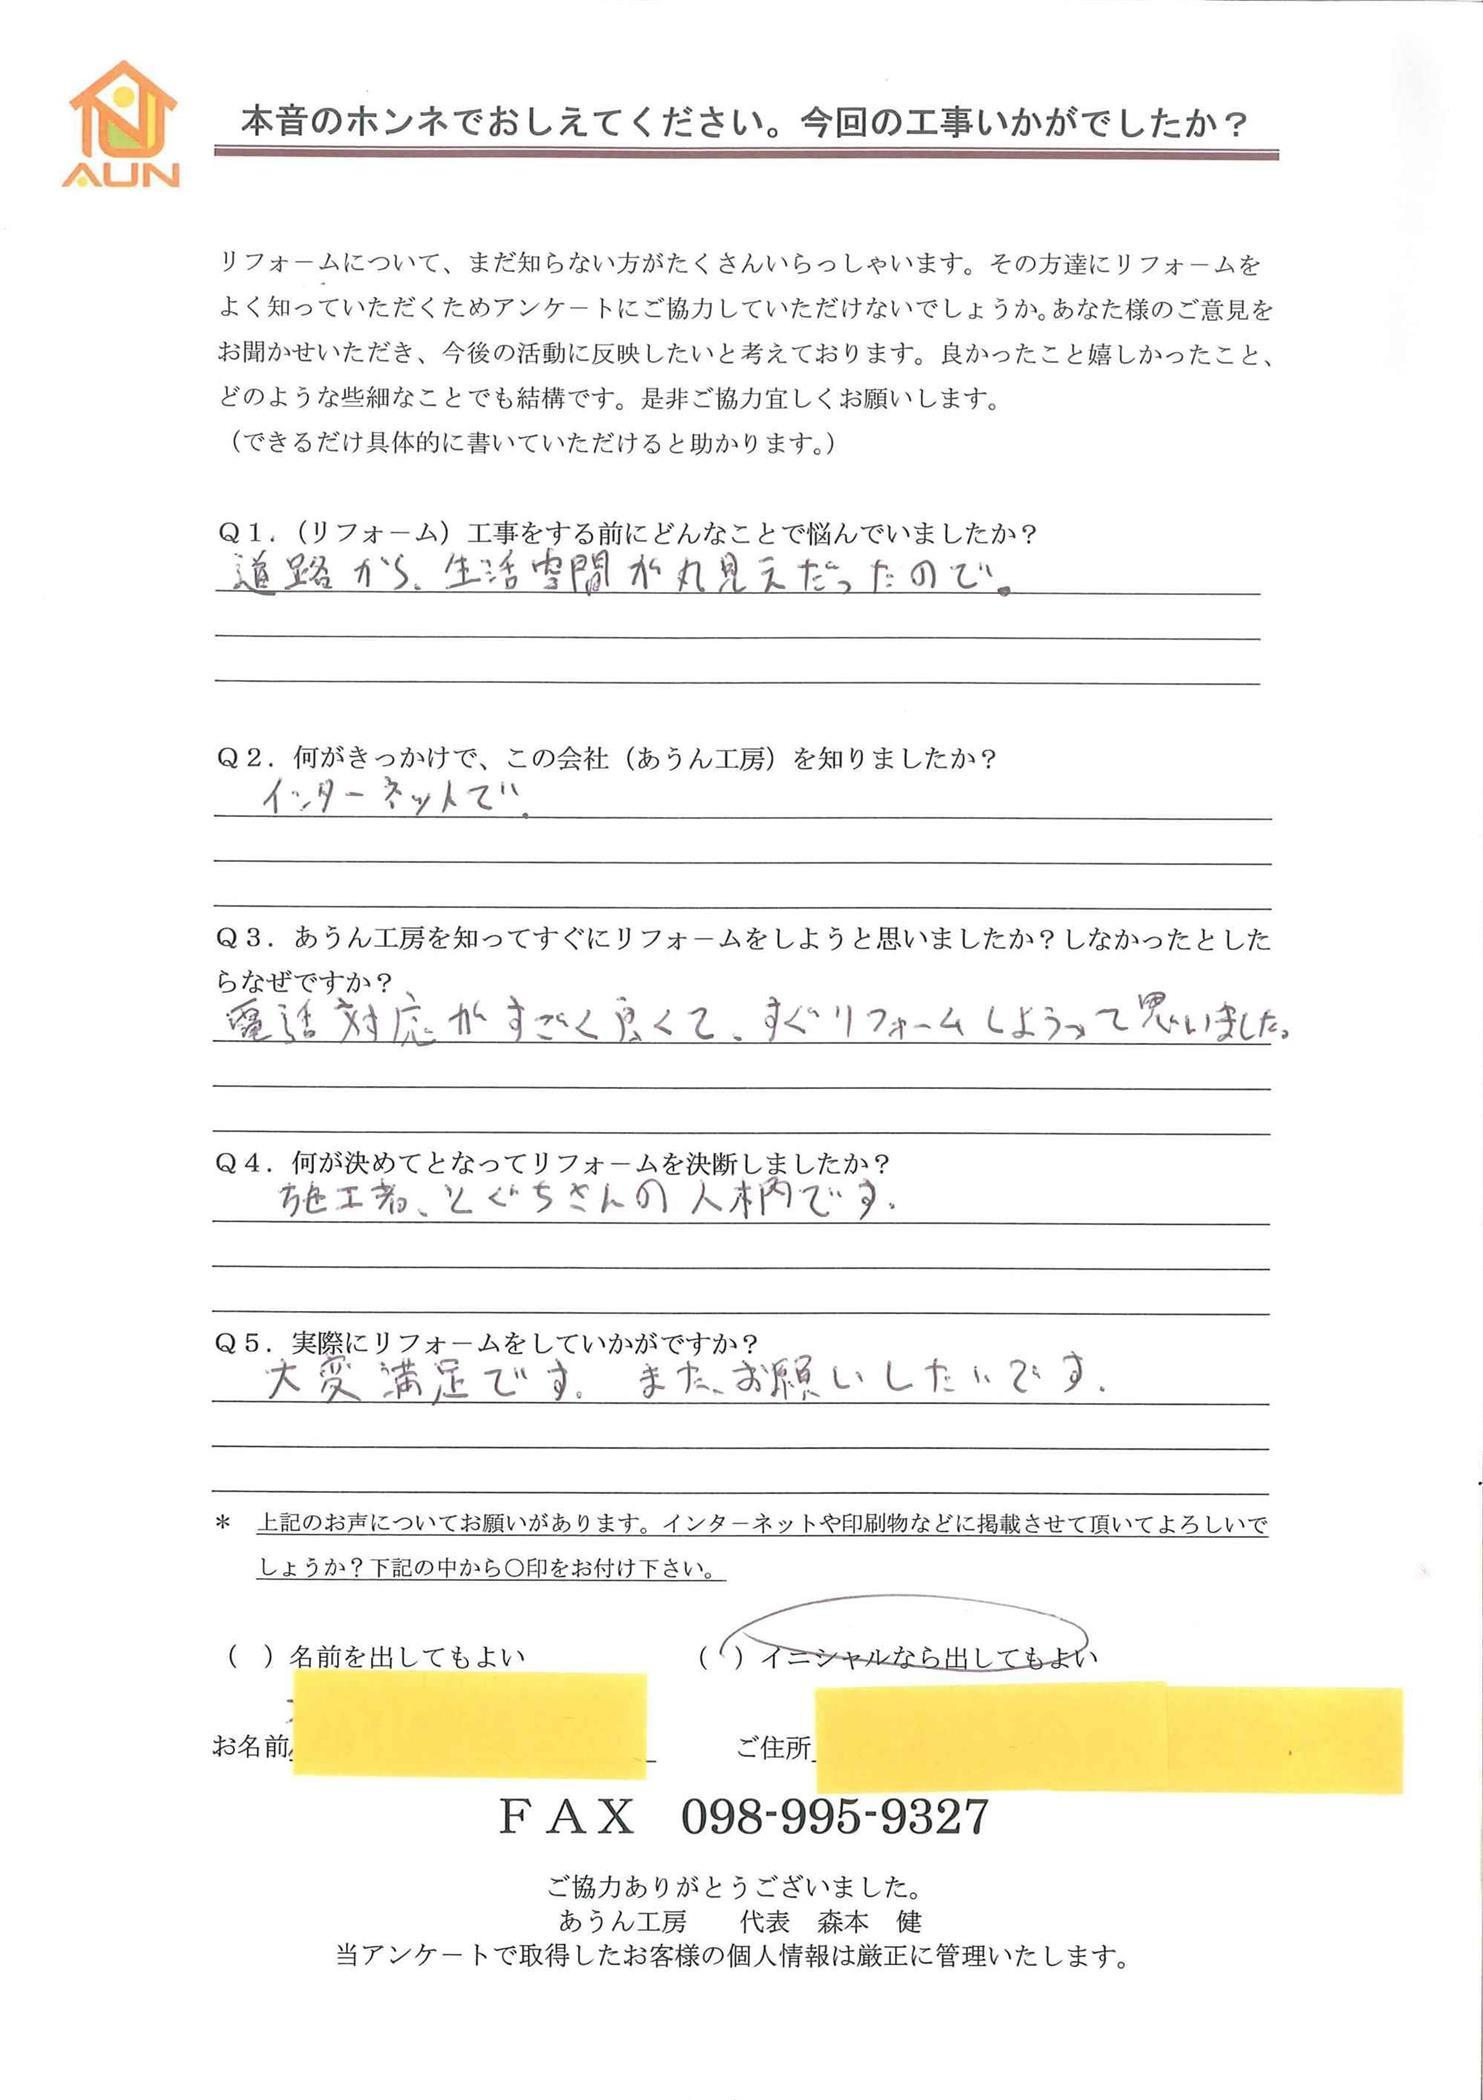 沖縄・那覇のリフォーム 実際のアンケートの画像:大変満足です。また、お願いしたいです。